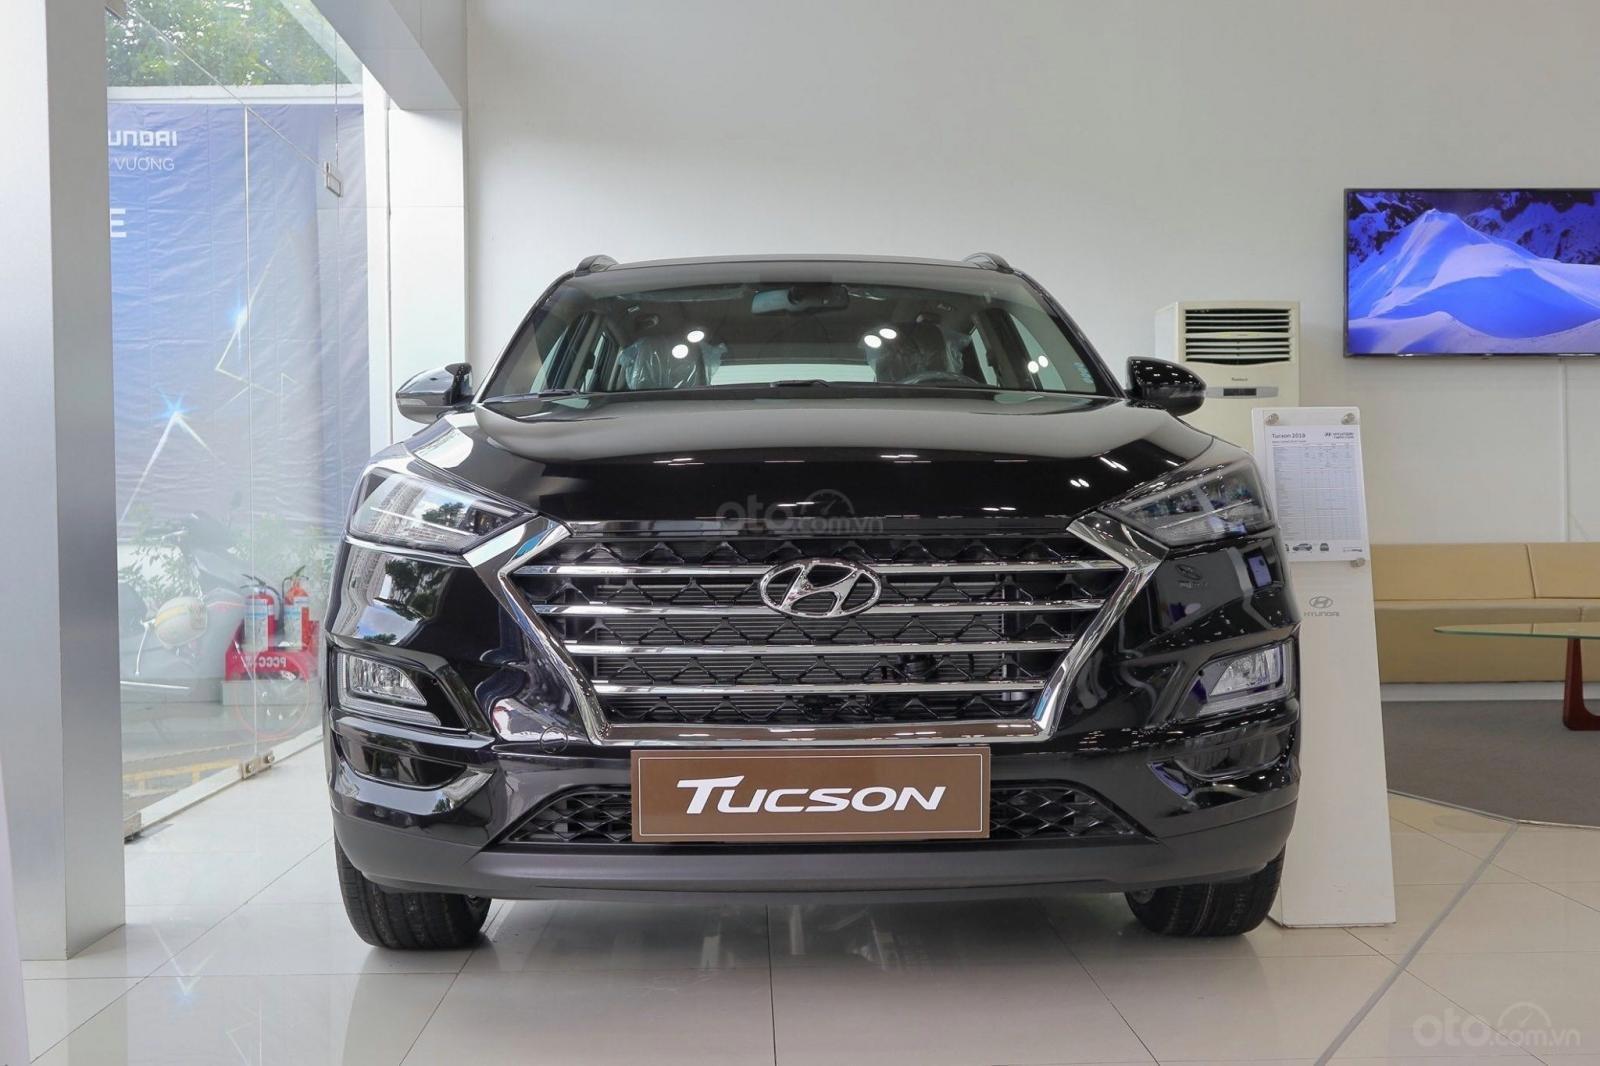 Bán Tucson 2019 giá tốt, xe sẵn giao ngay, khuyến mãi quà tặng giá trị-0